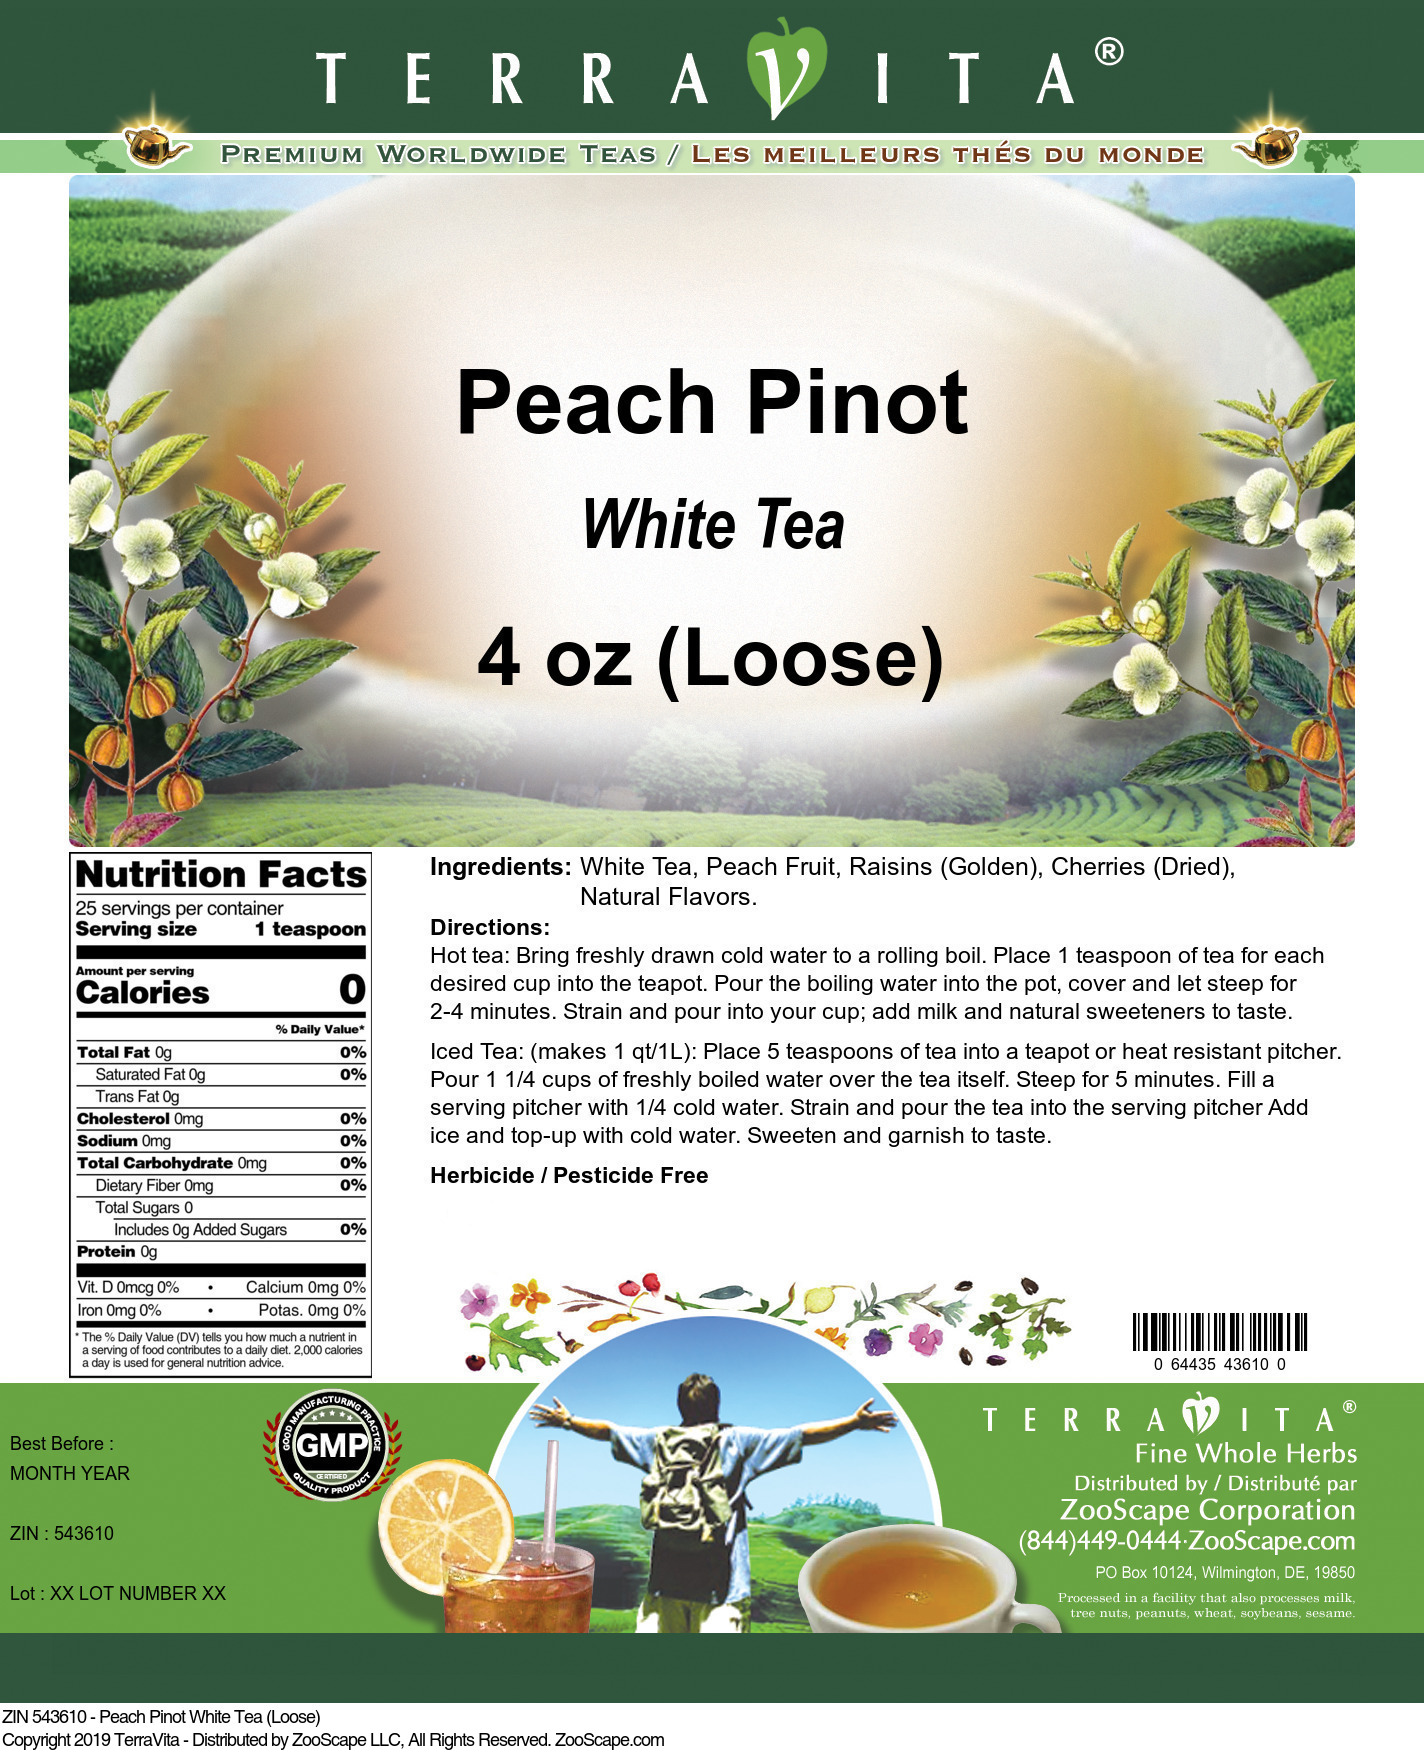 Peach Pinot White Tea